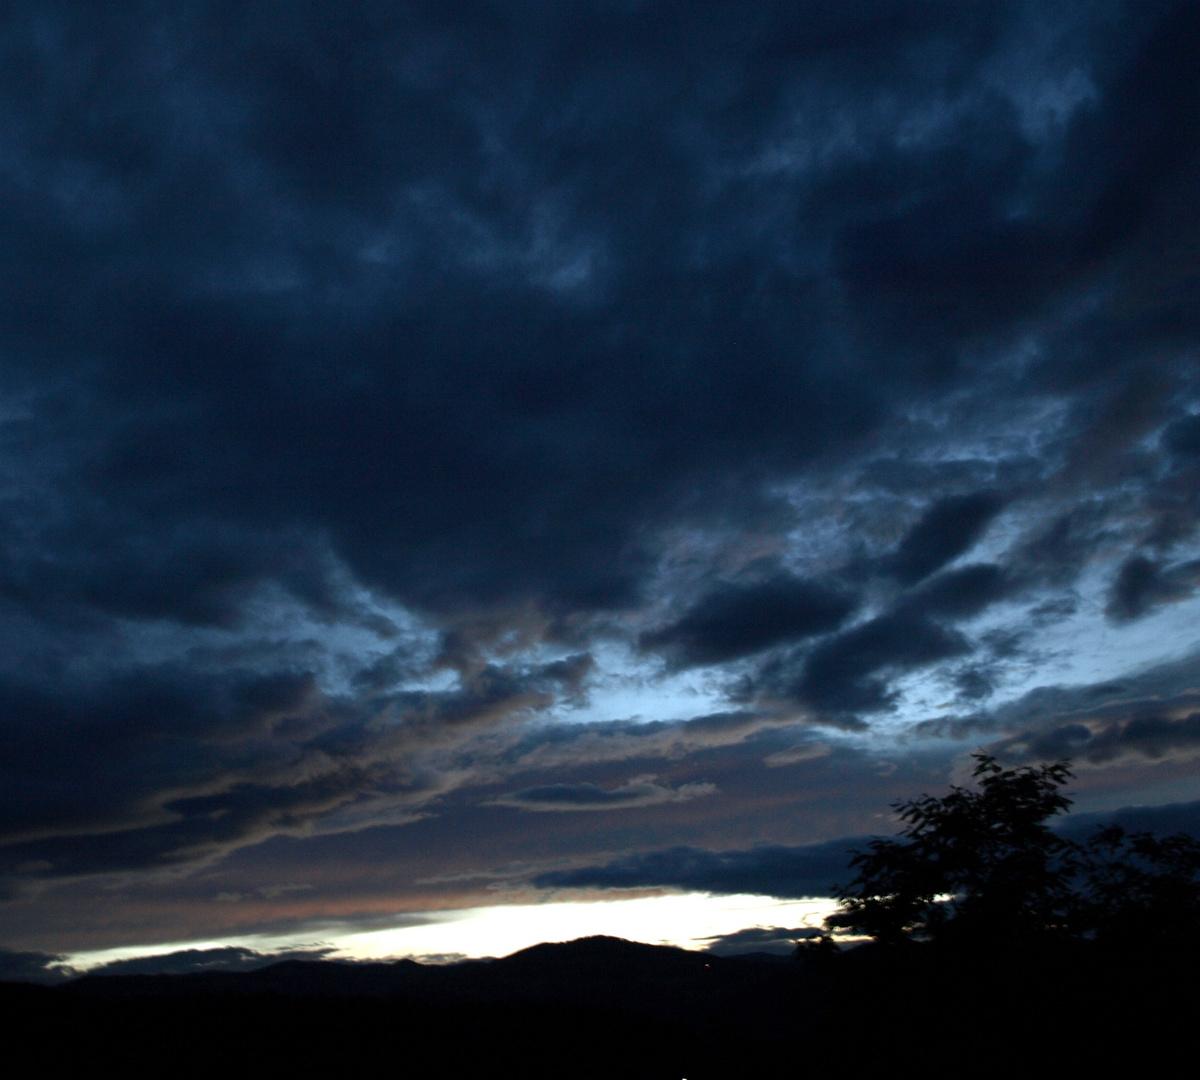 dunkle Wolkenam Himmel